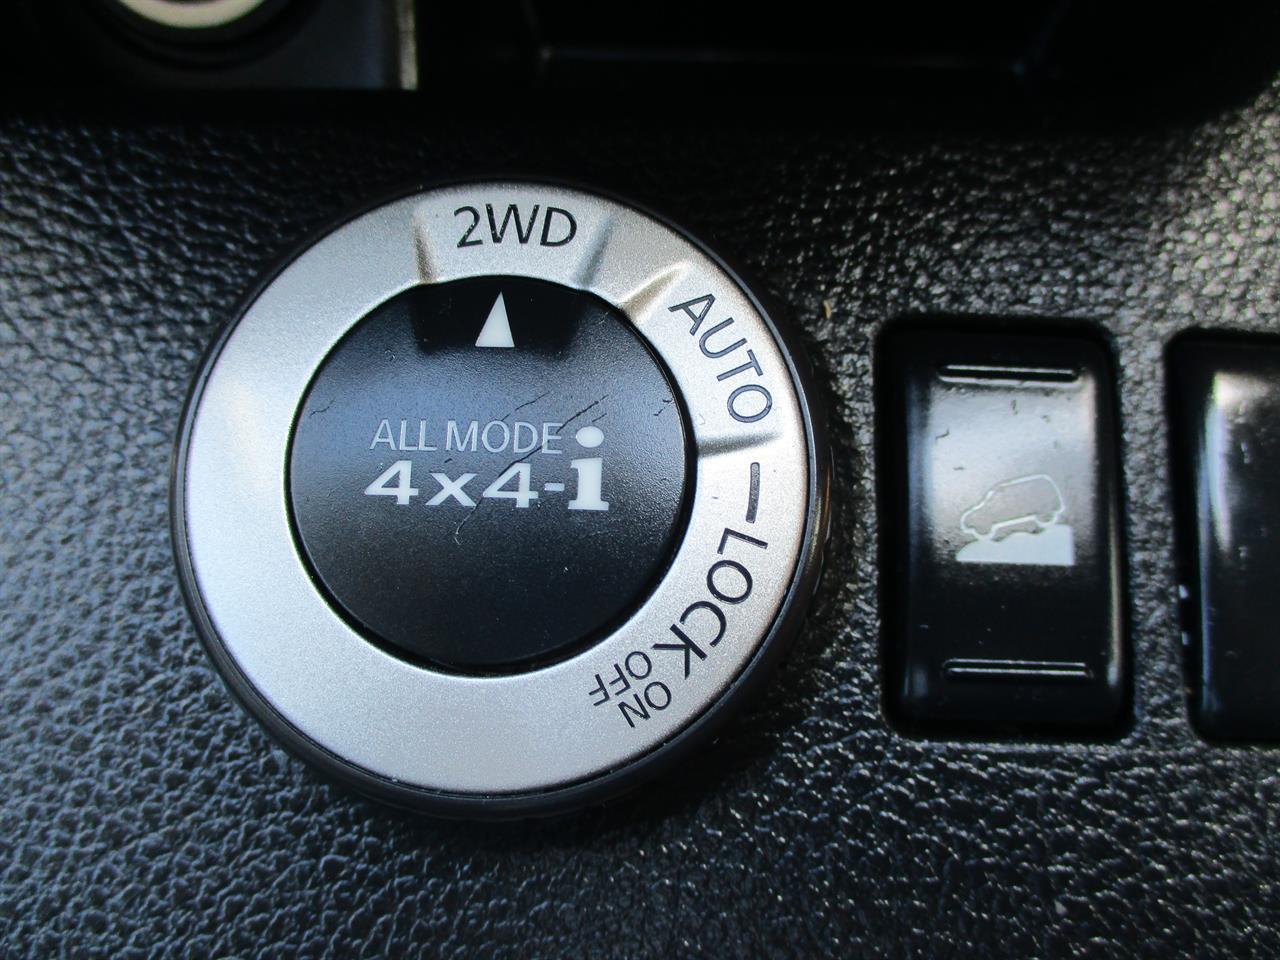 image-19, 2007 Nissan X-Trail 2.5 4x4 at Dunedin